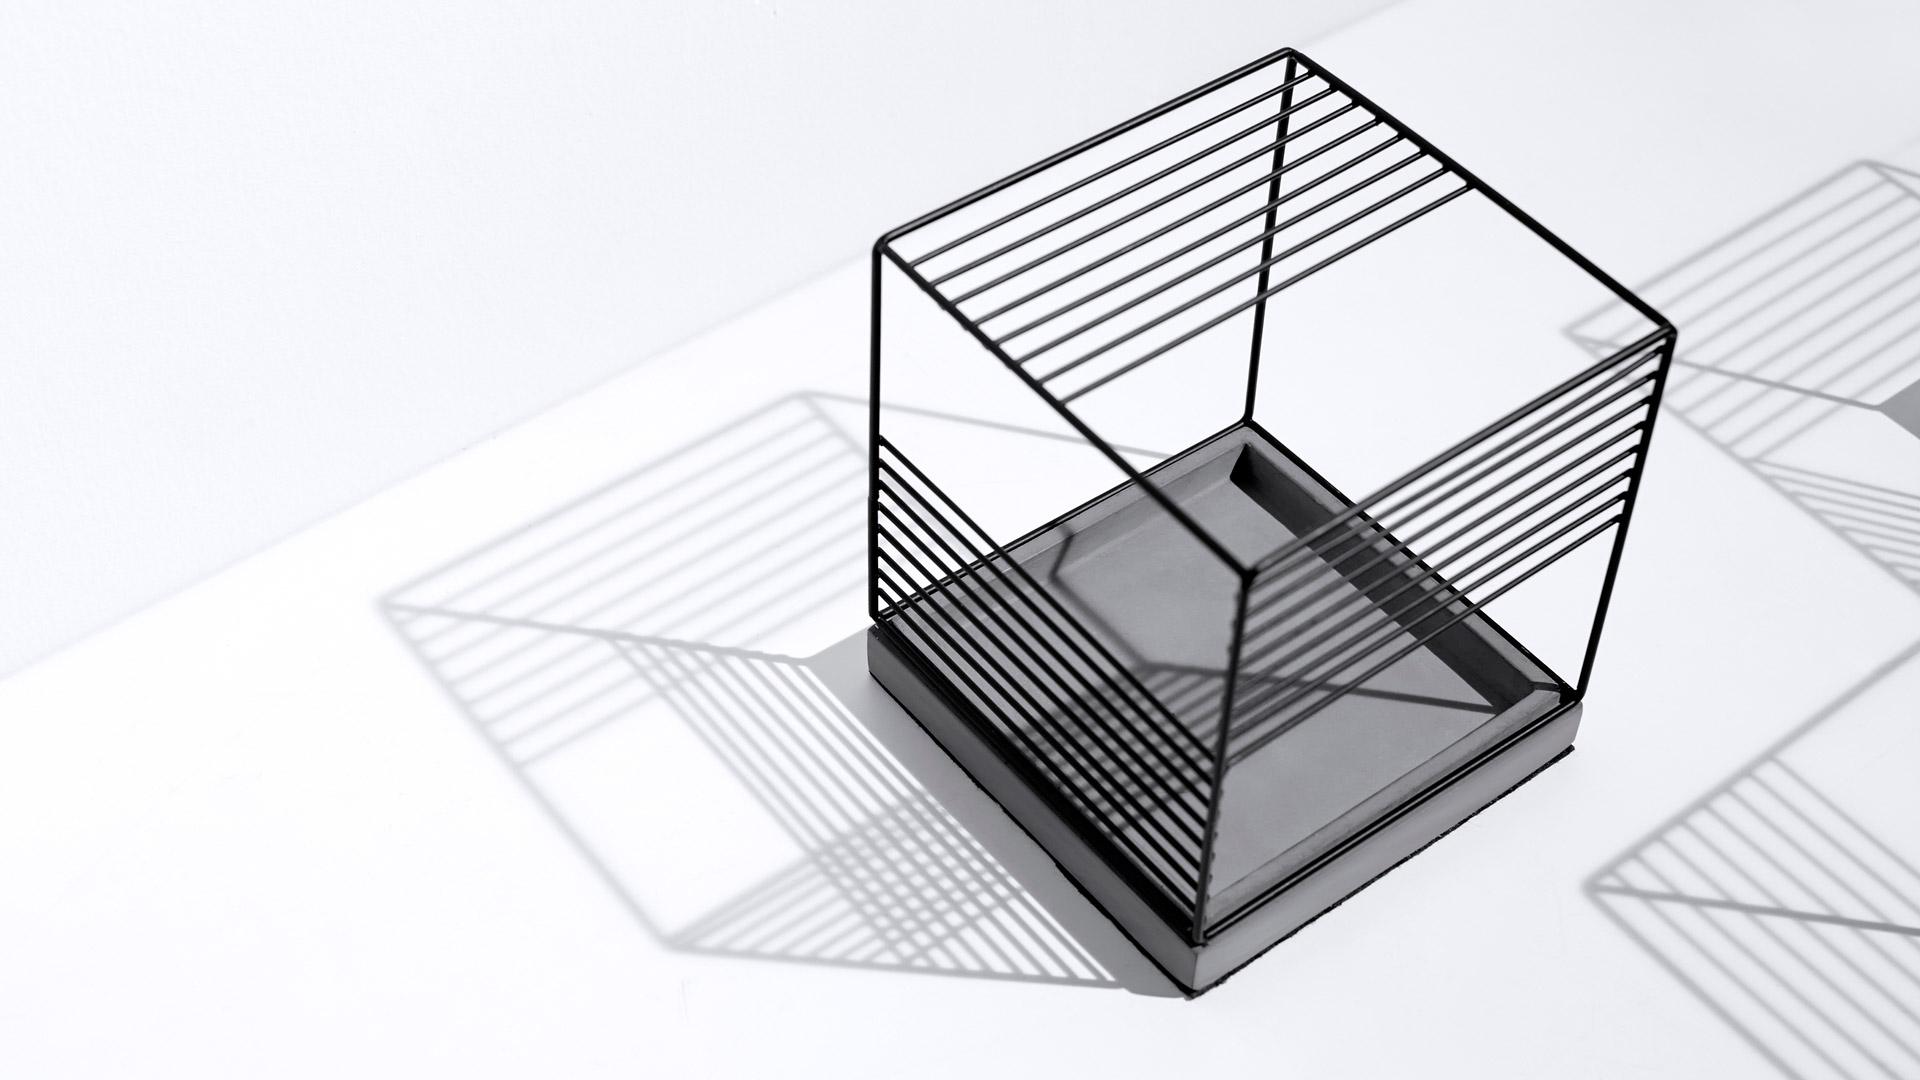 水泥底盘与金属架采用可分离设计,金属架其中一面可内嵌于水泥底盘,面与线的别致游戏,自由掌控光与气的呼吸吐纳。?x-oss-process=image/format,jpg/interlace,1